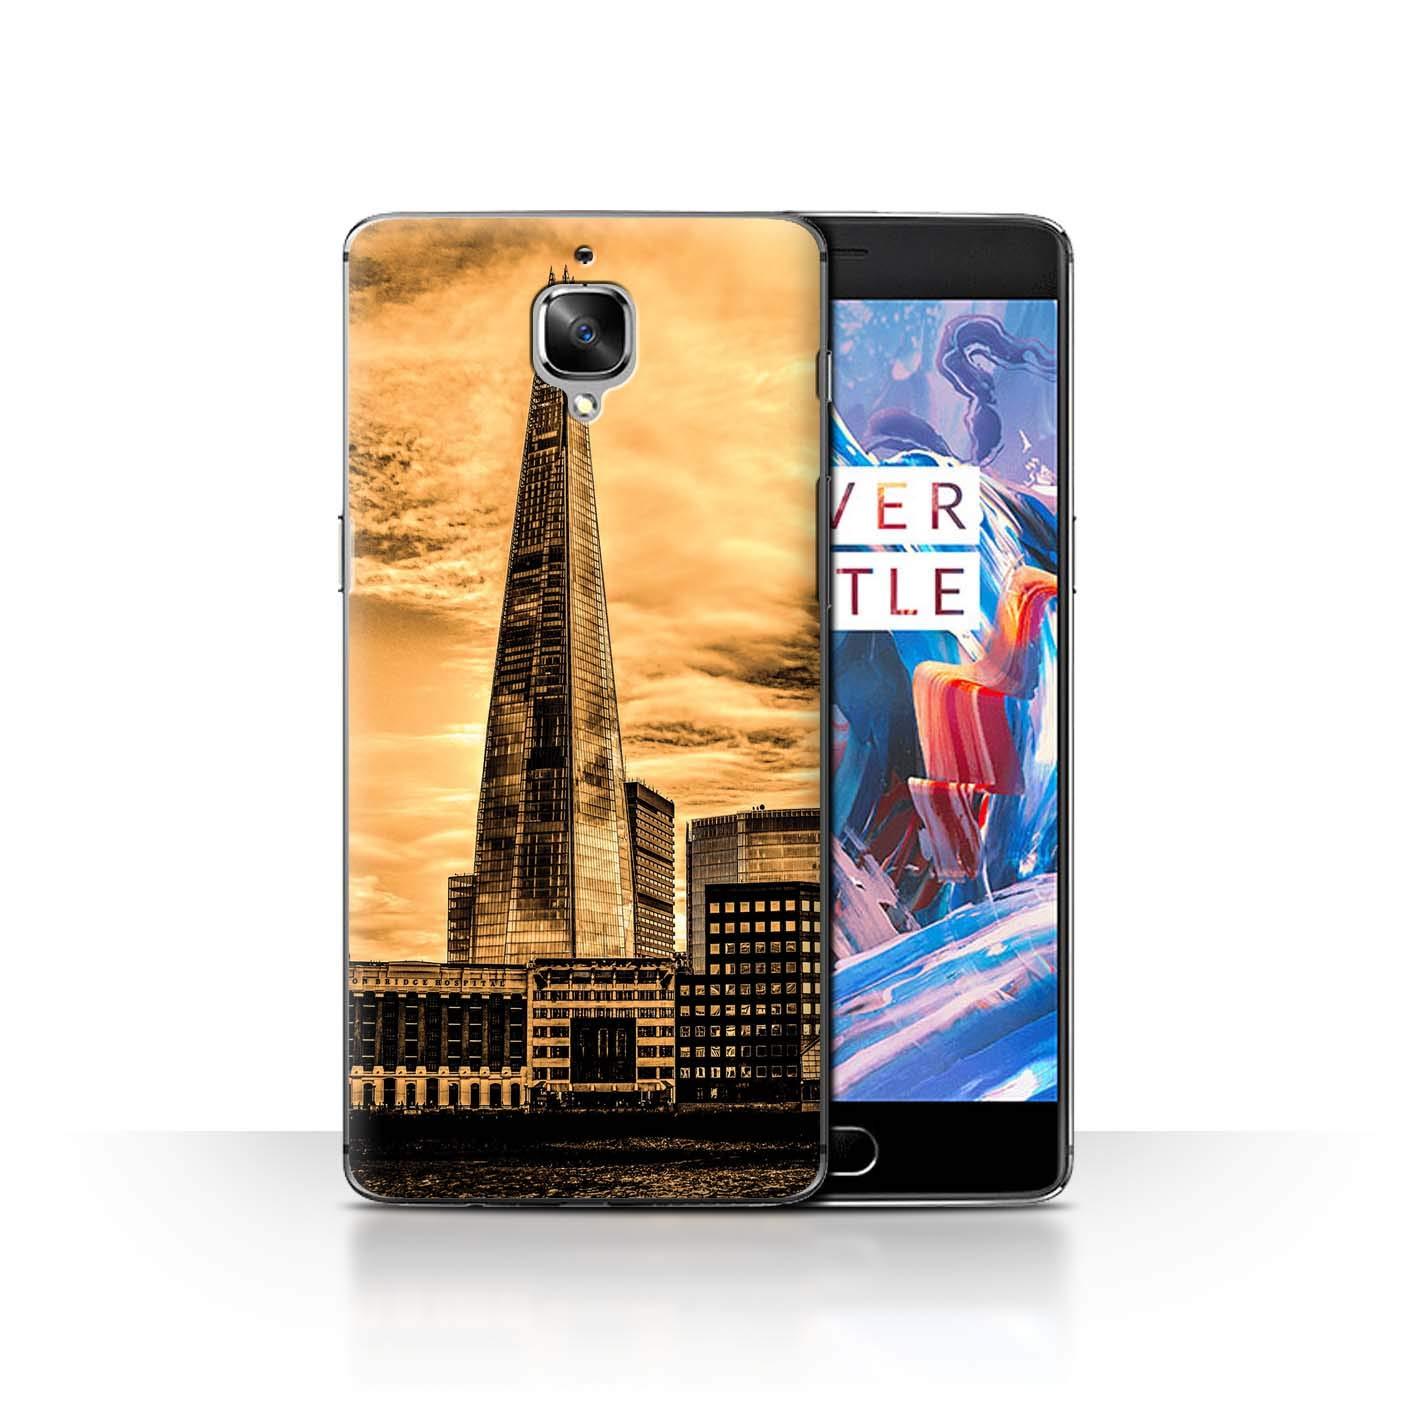 Amazon.com: eSwish - Carcasa para teléfono móvil 1PLUS3 y ...